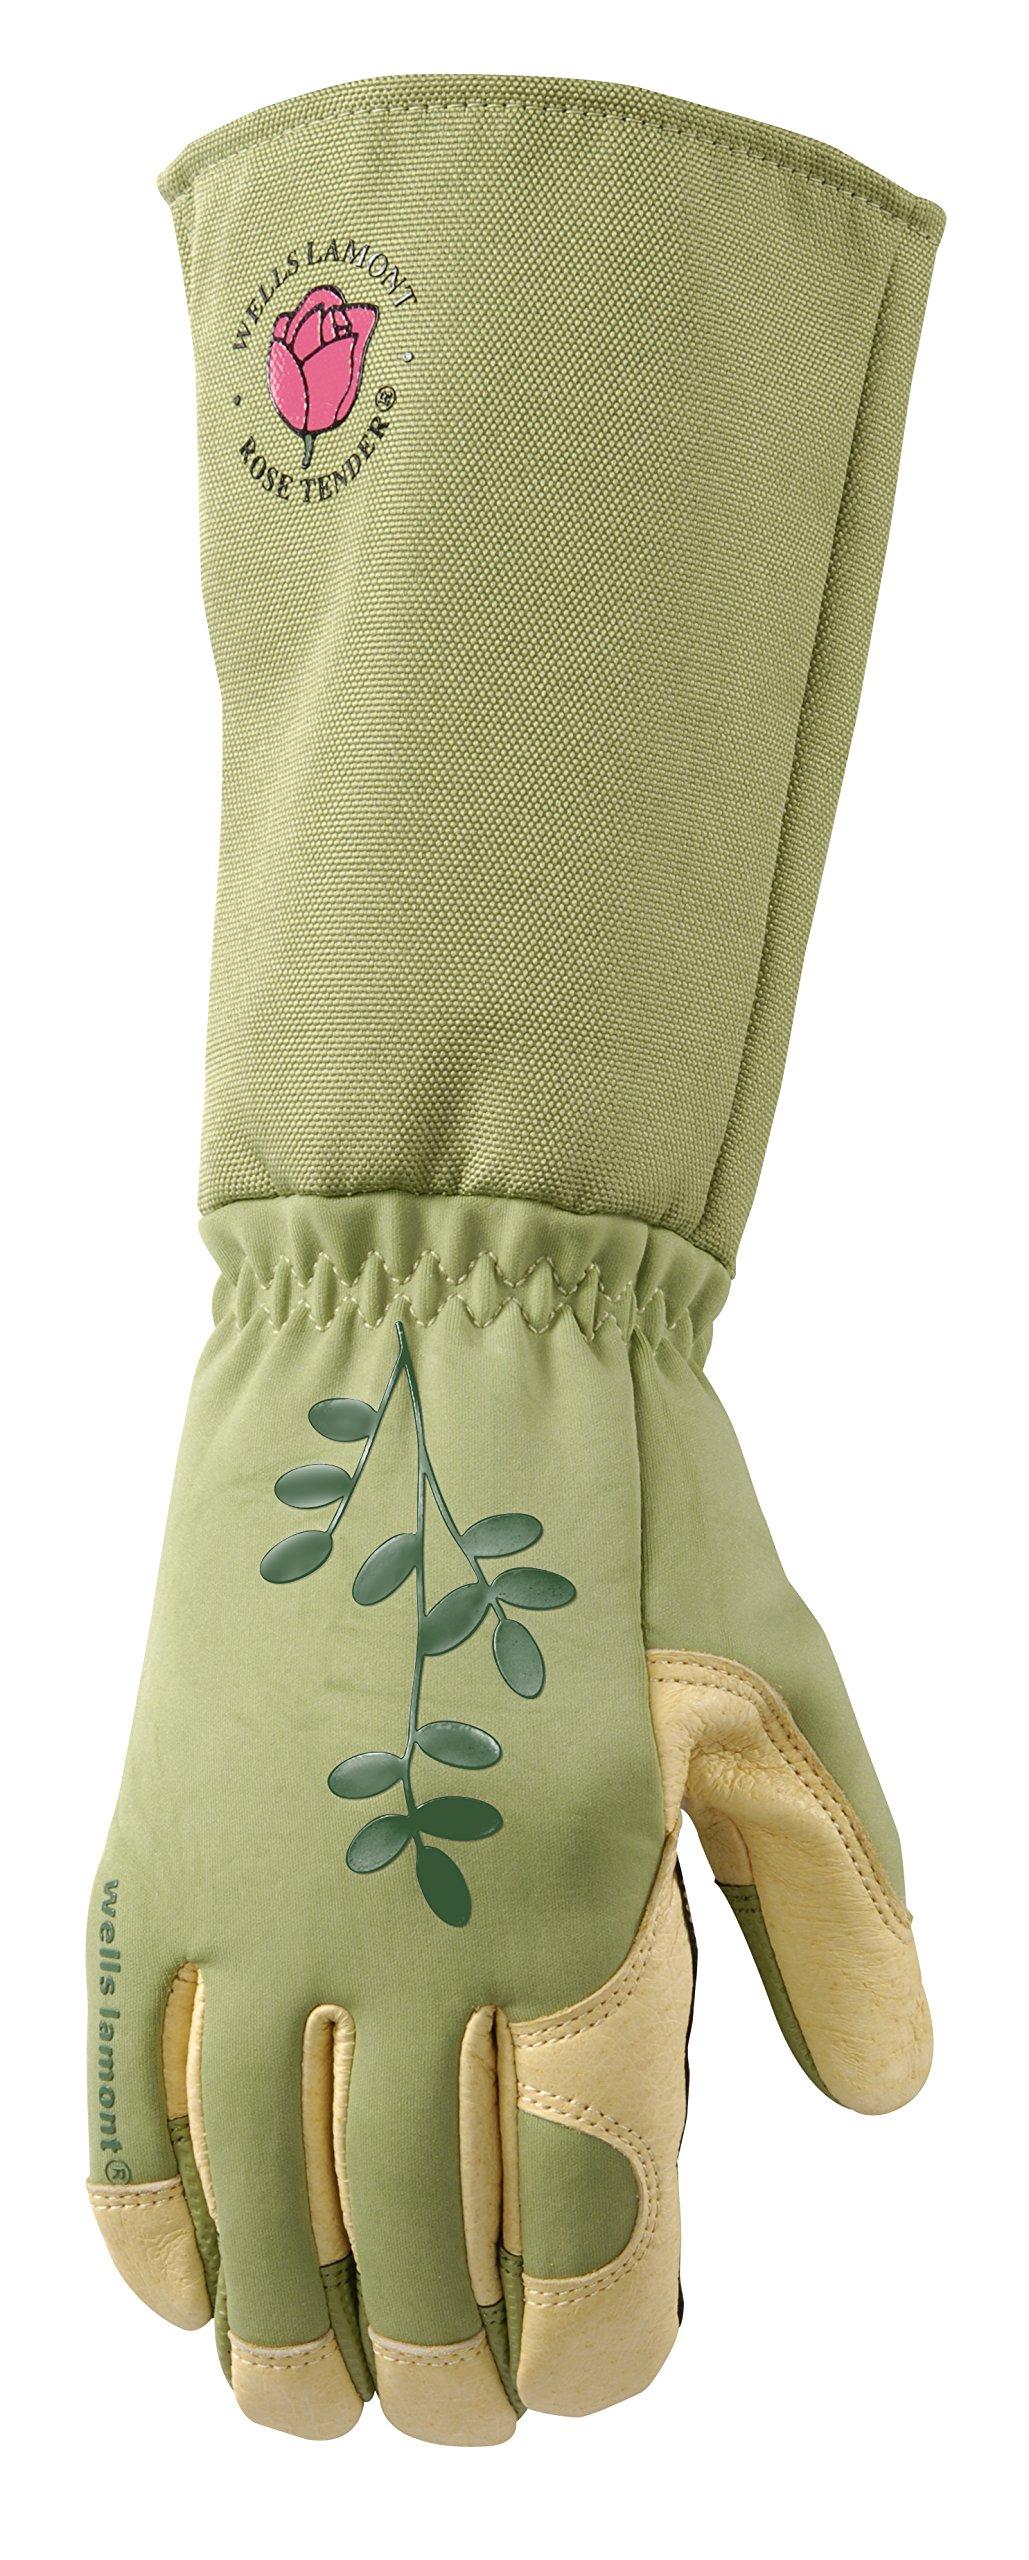 Womens Rosetender Leather Rose Gardening Gloves, Foldable -3571